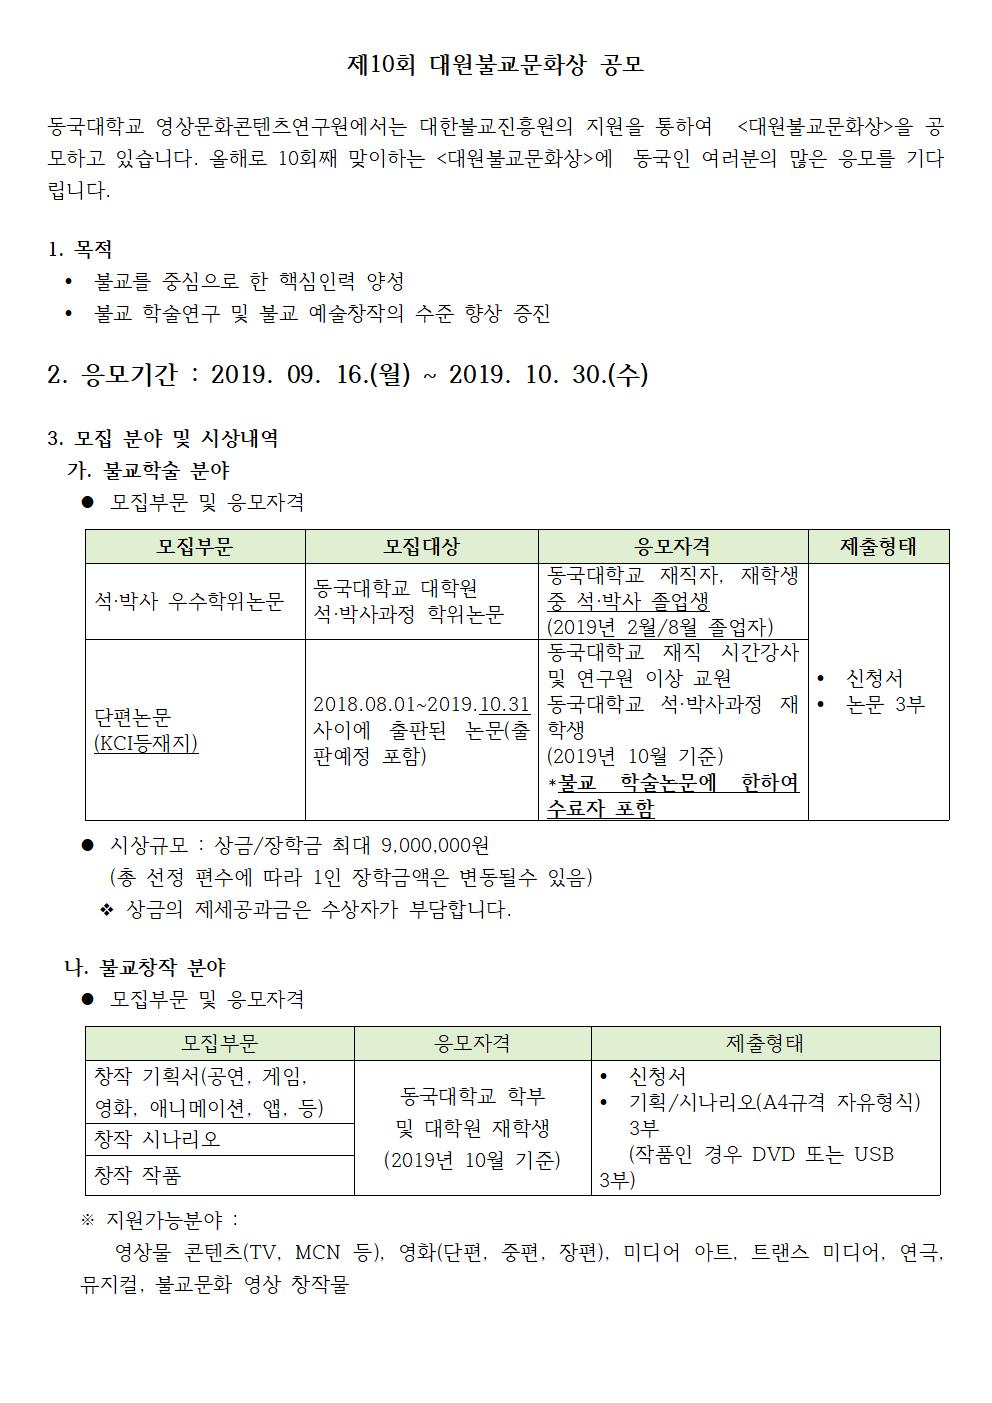 제10회 대원불교문화상 공모 공지글 201908001